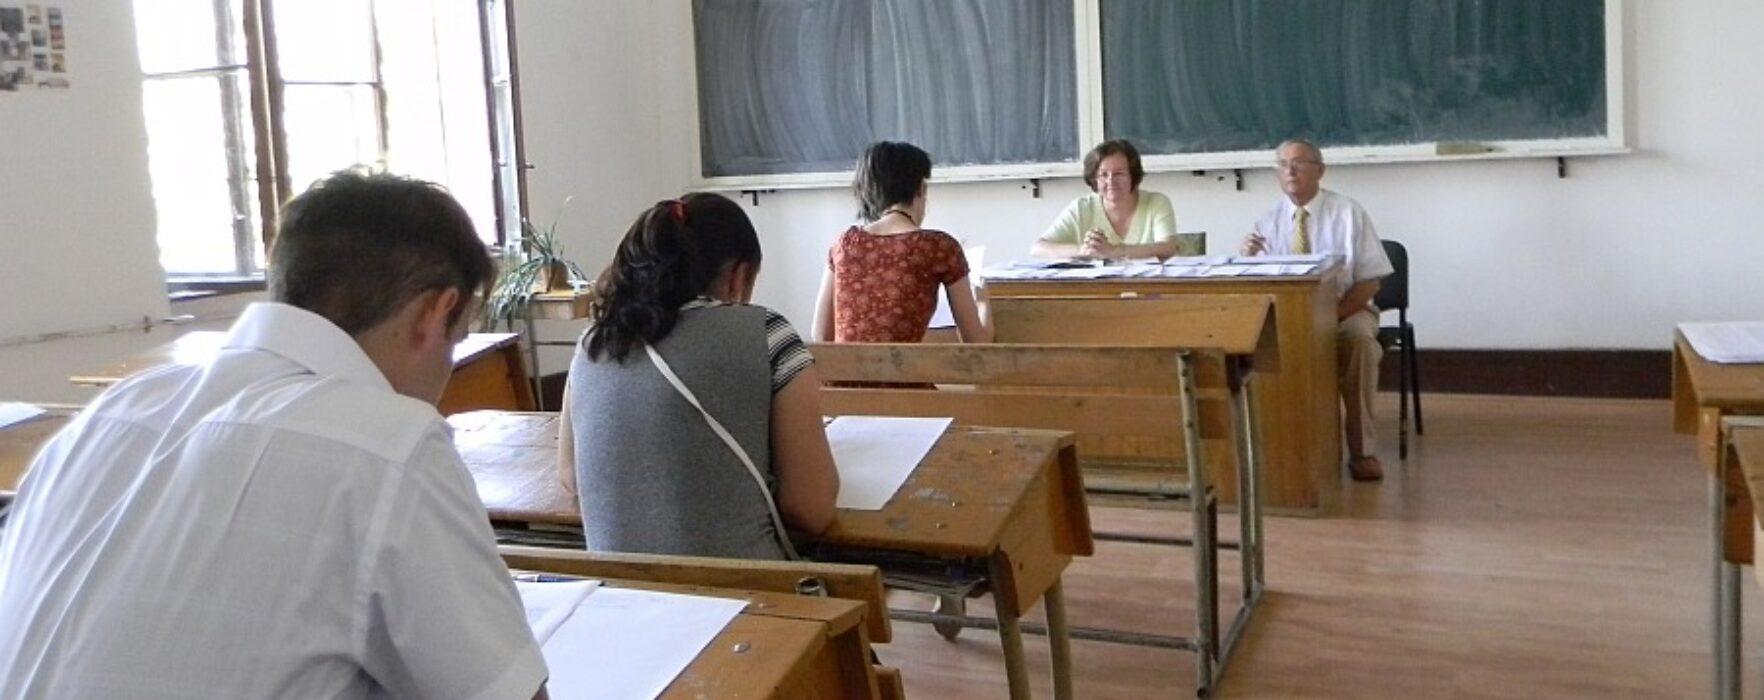 Ministerul Educaţiei a publicat lucrările celor doi elevi din Dâmboviţa eliminaţi la bacalaureat